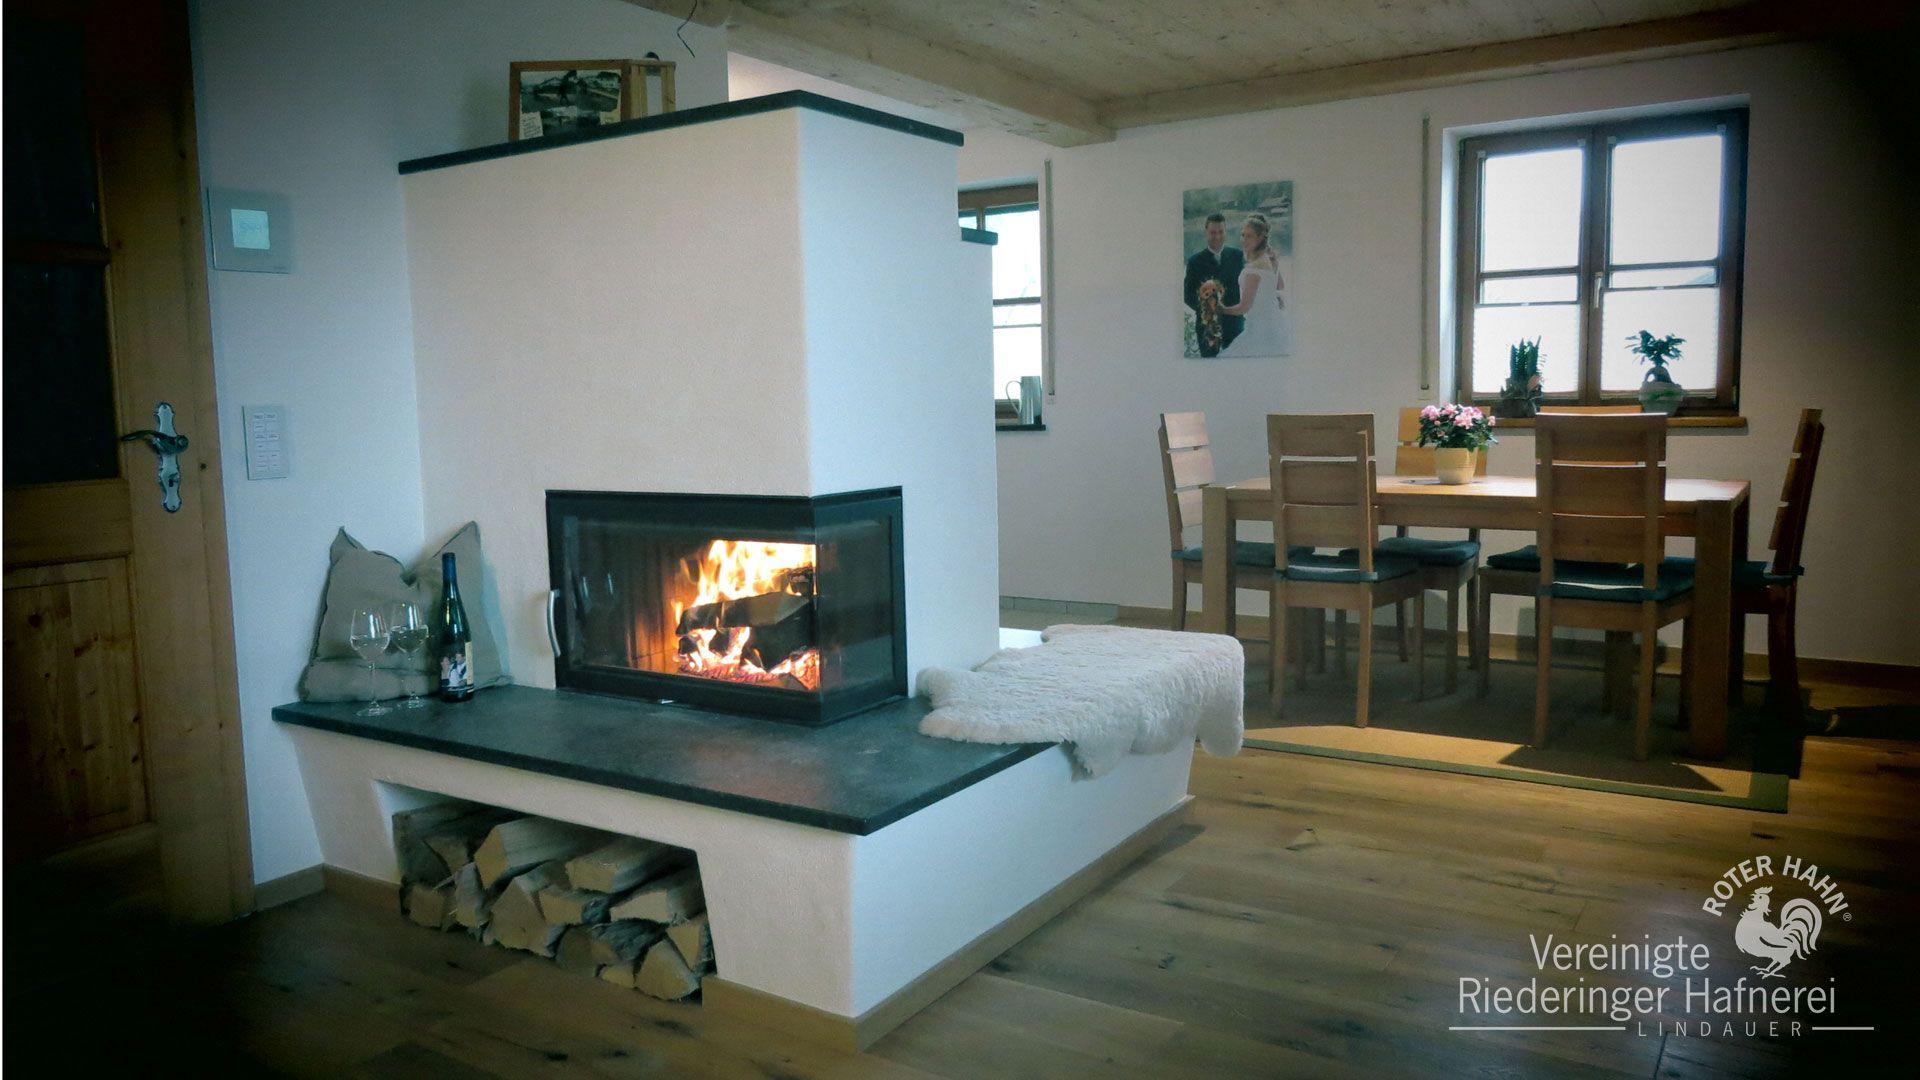 1 platz eckkamin aus piding heuer ist das erste mal dass wir uns auf die kalten tage freuen. Black Bedroom Furniture Sets. Home Design Ideas